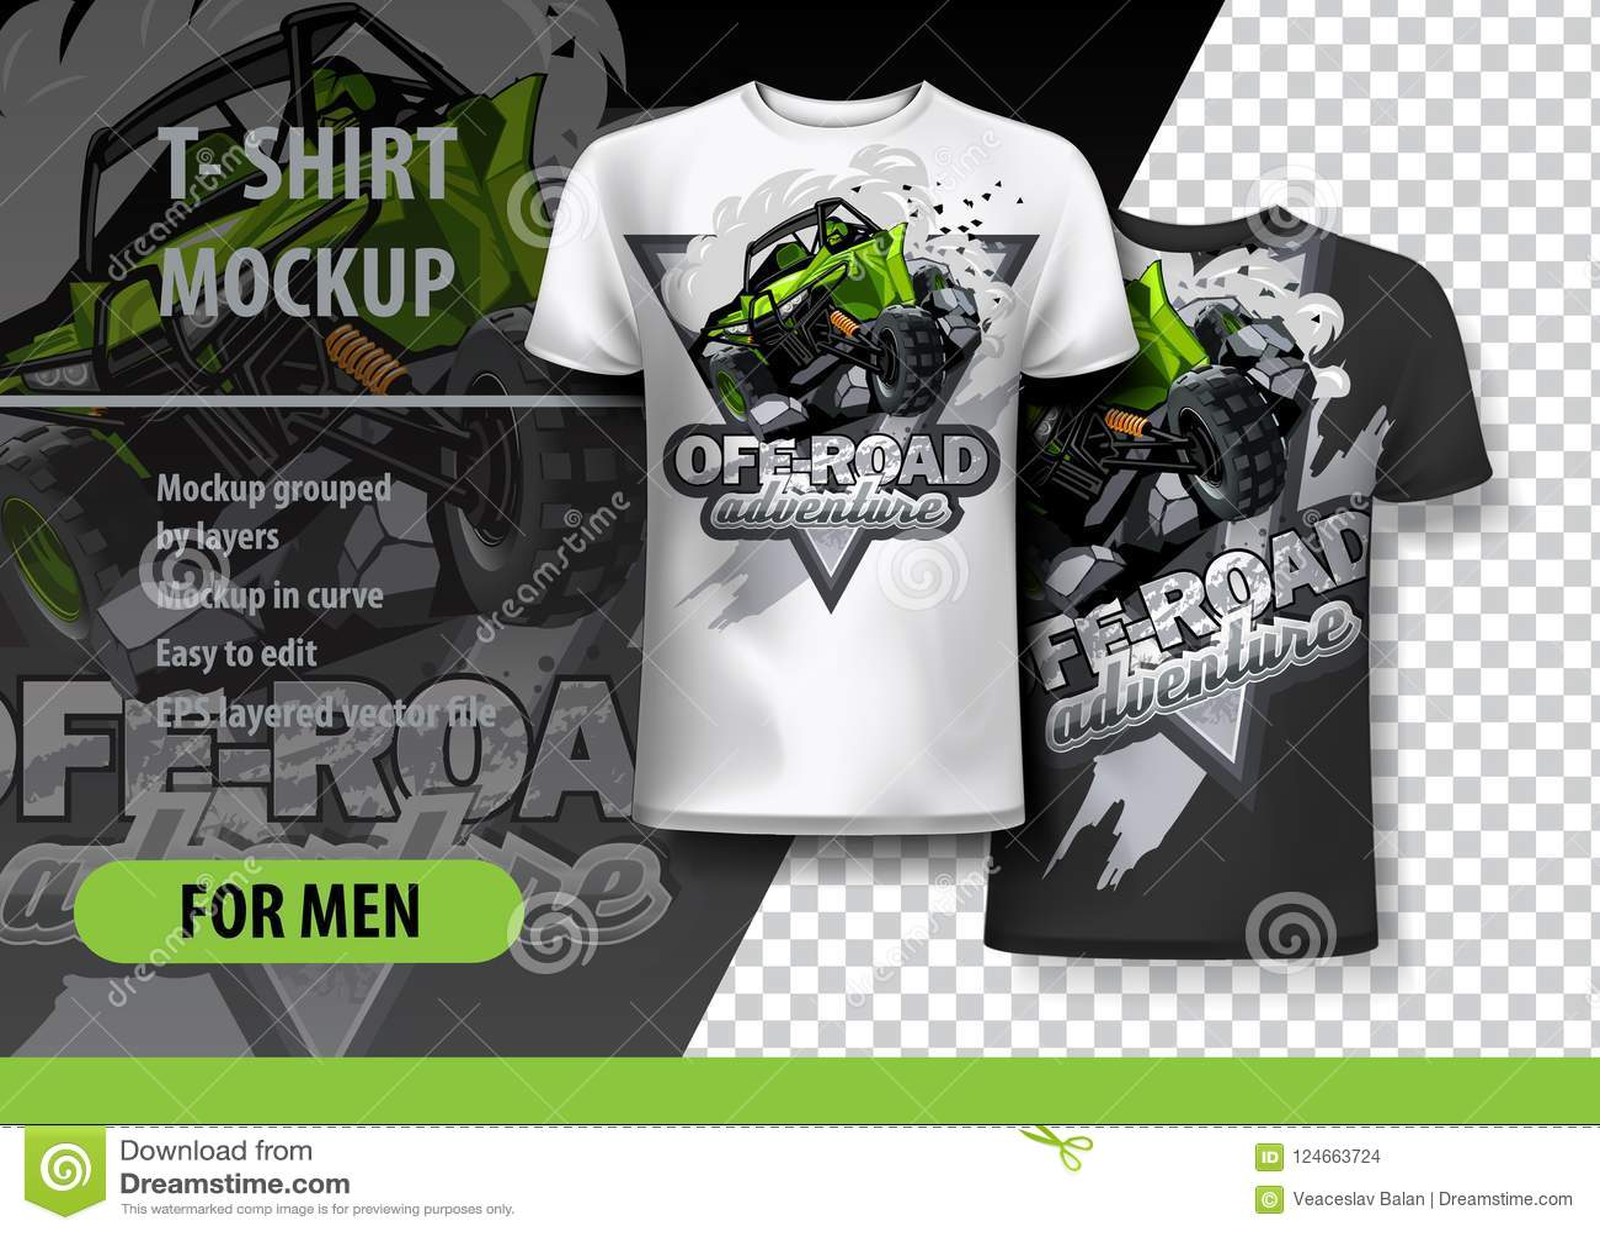 Πρότυπο μπλουζών, πλήρως editable με πράσινο ATV με λάθη